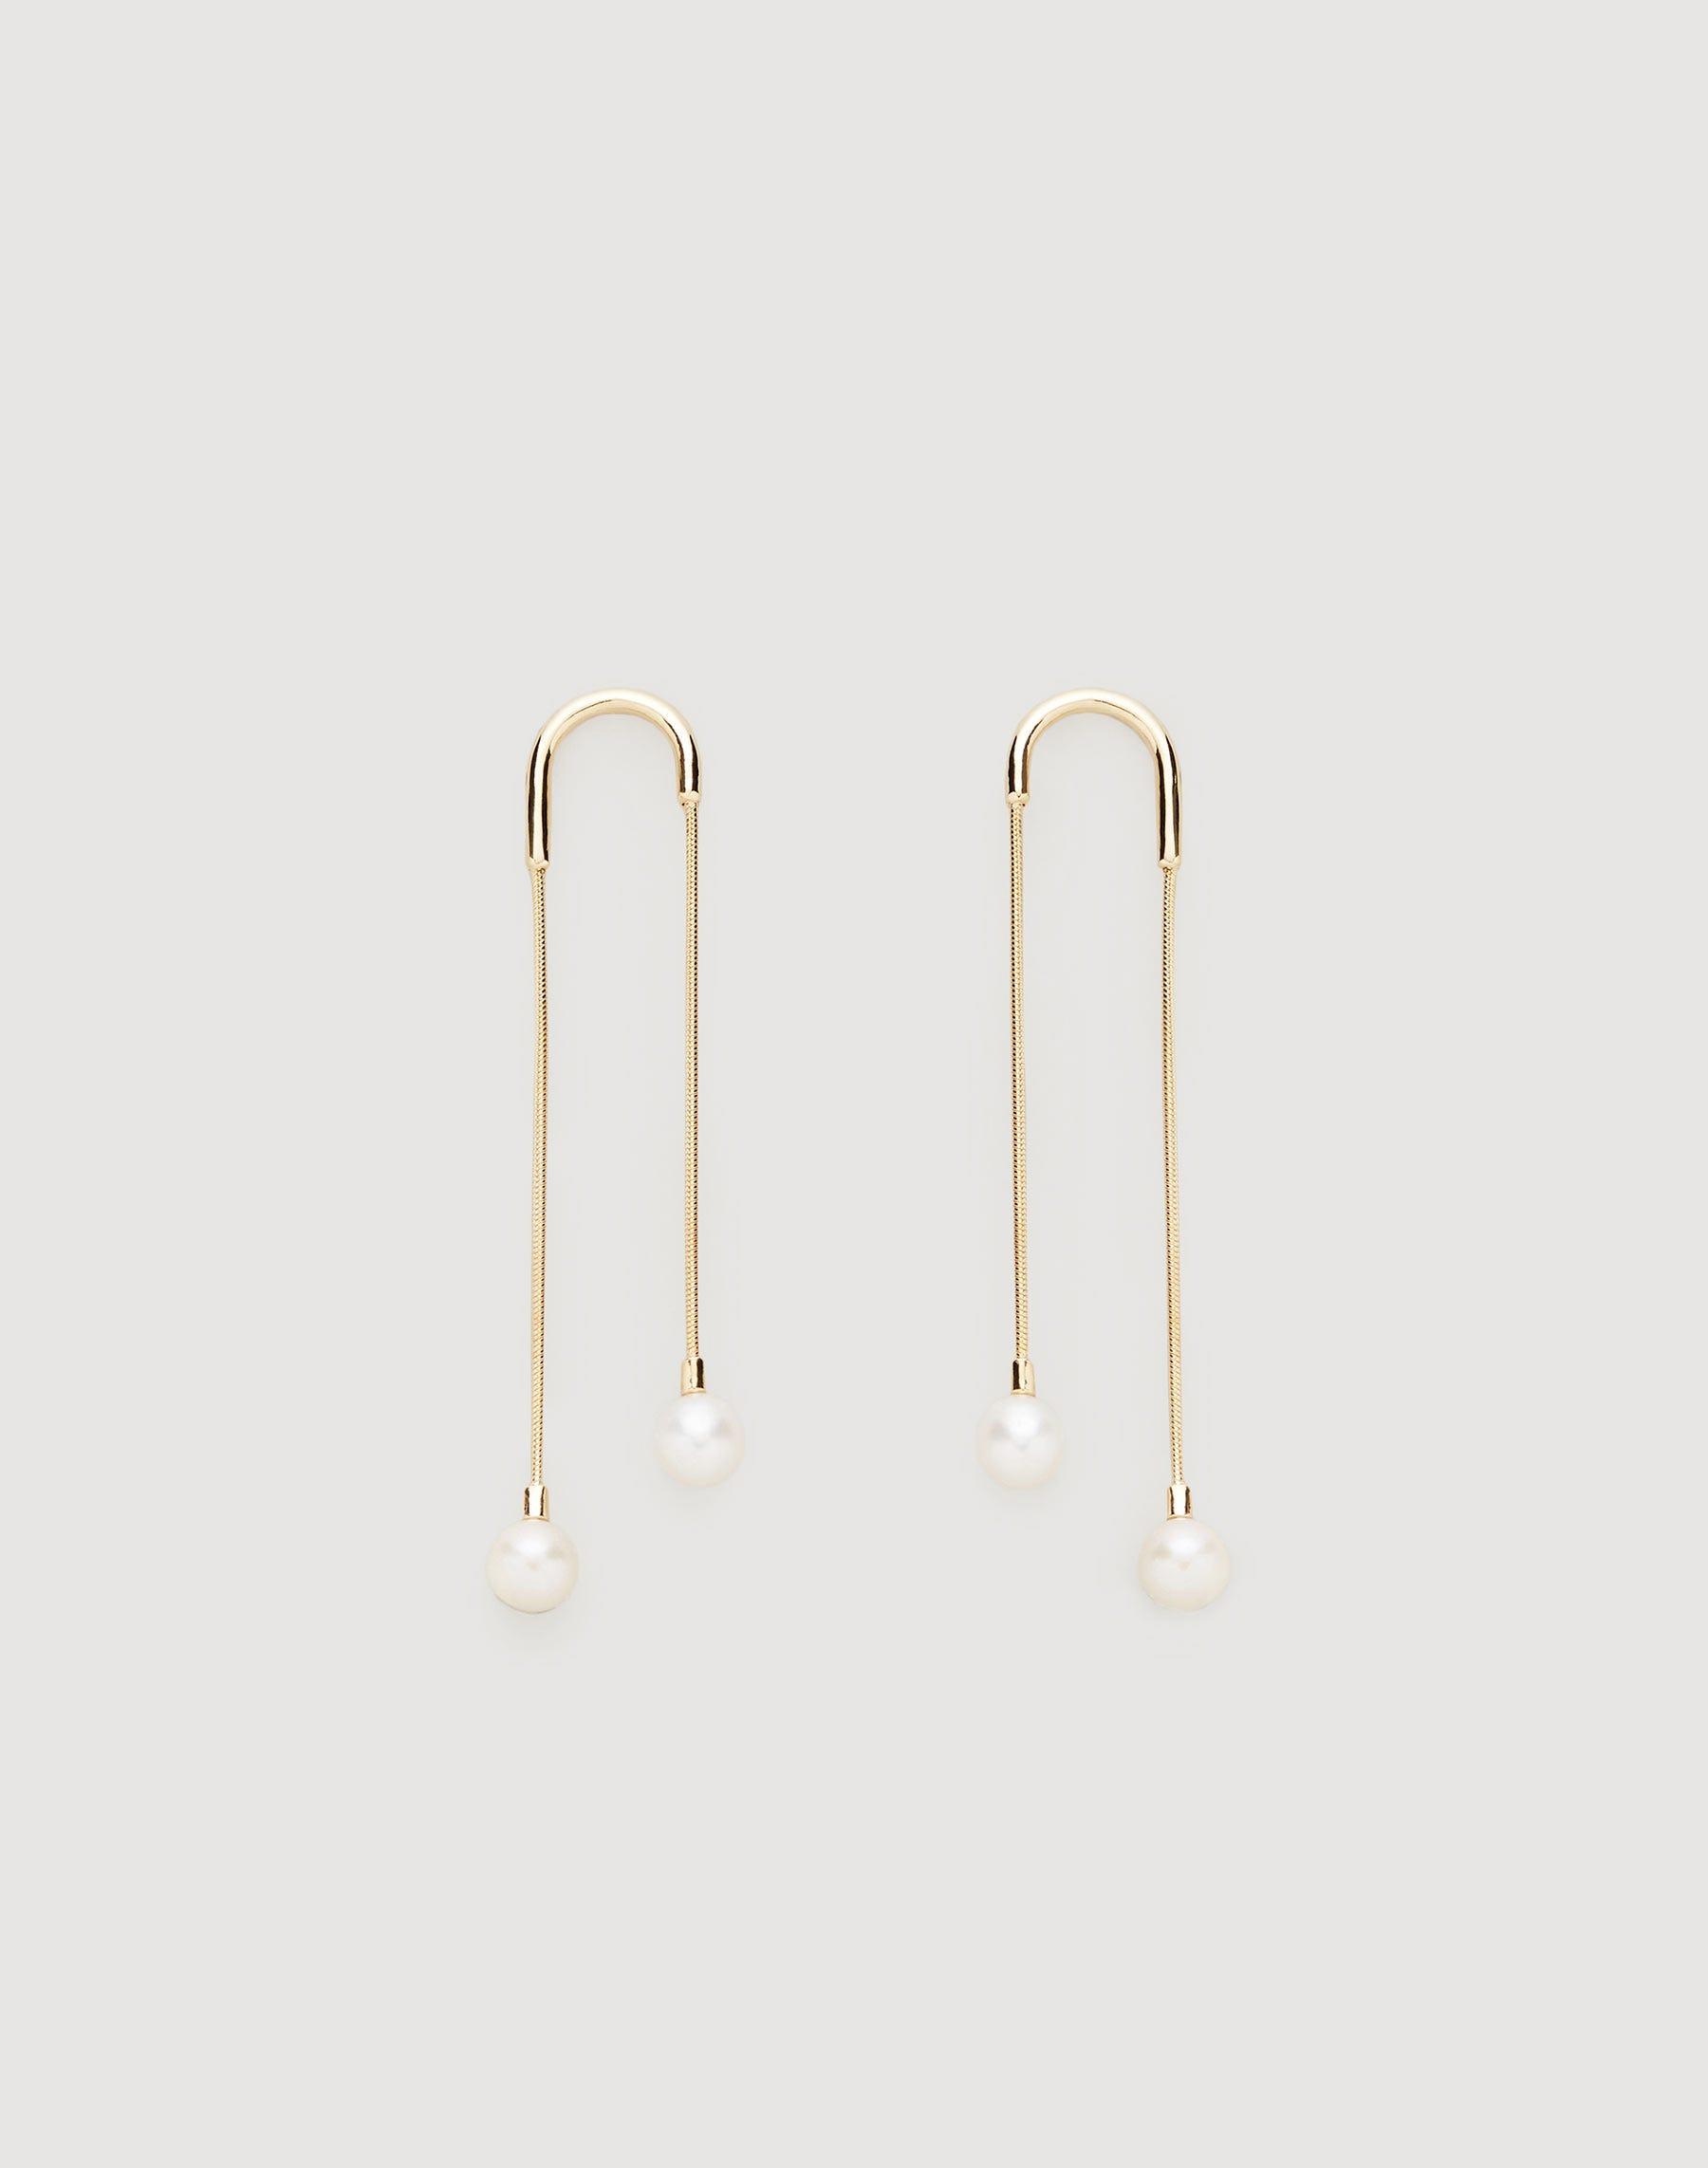 Lafayette 148 Freshwater Pearl Waterfall Earrings In Gold